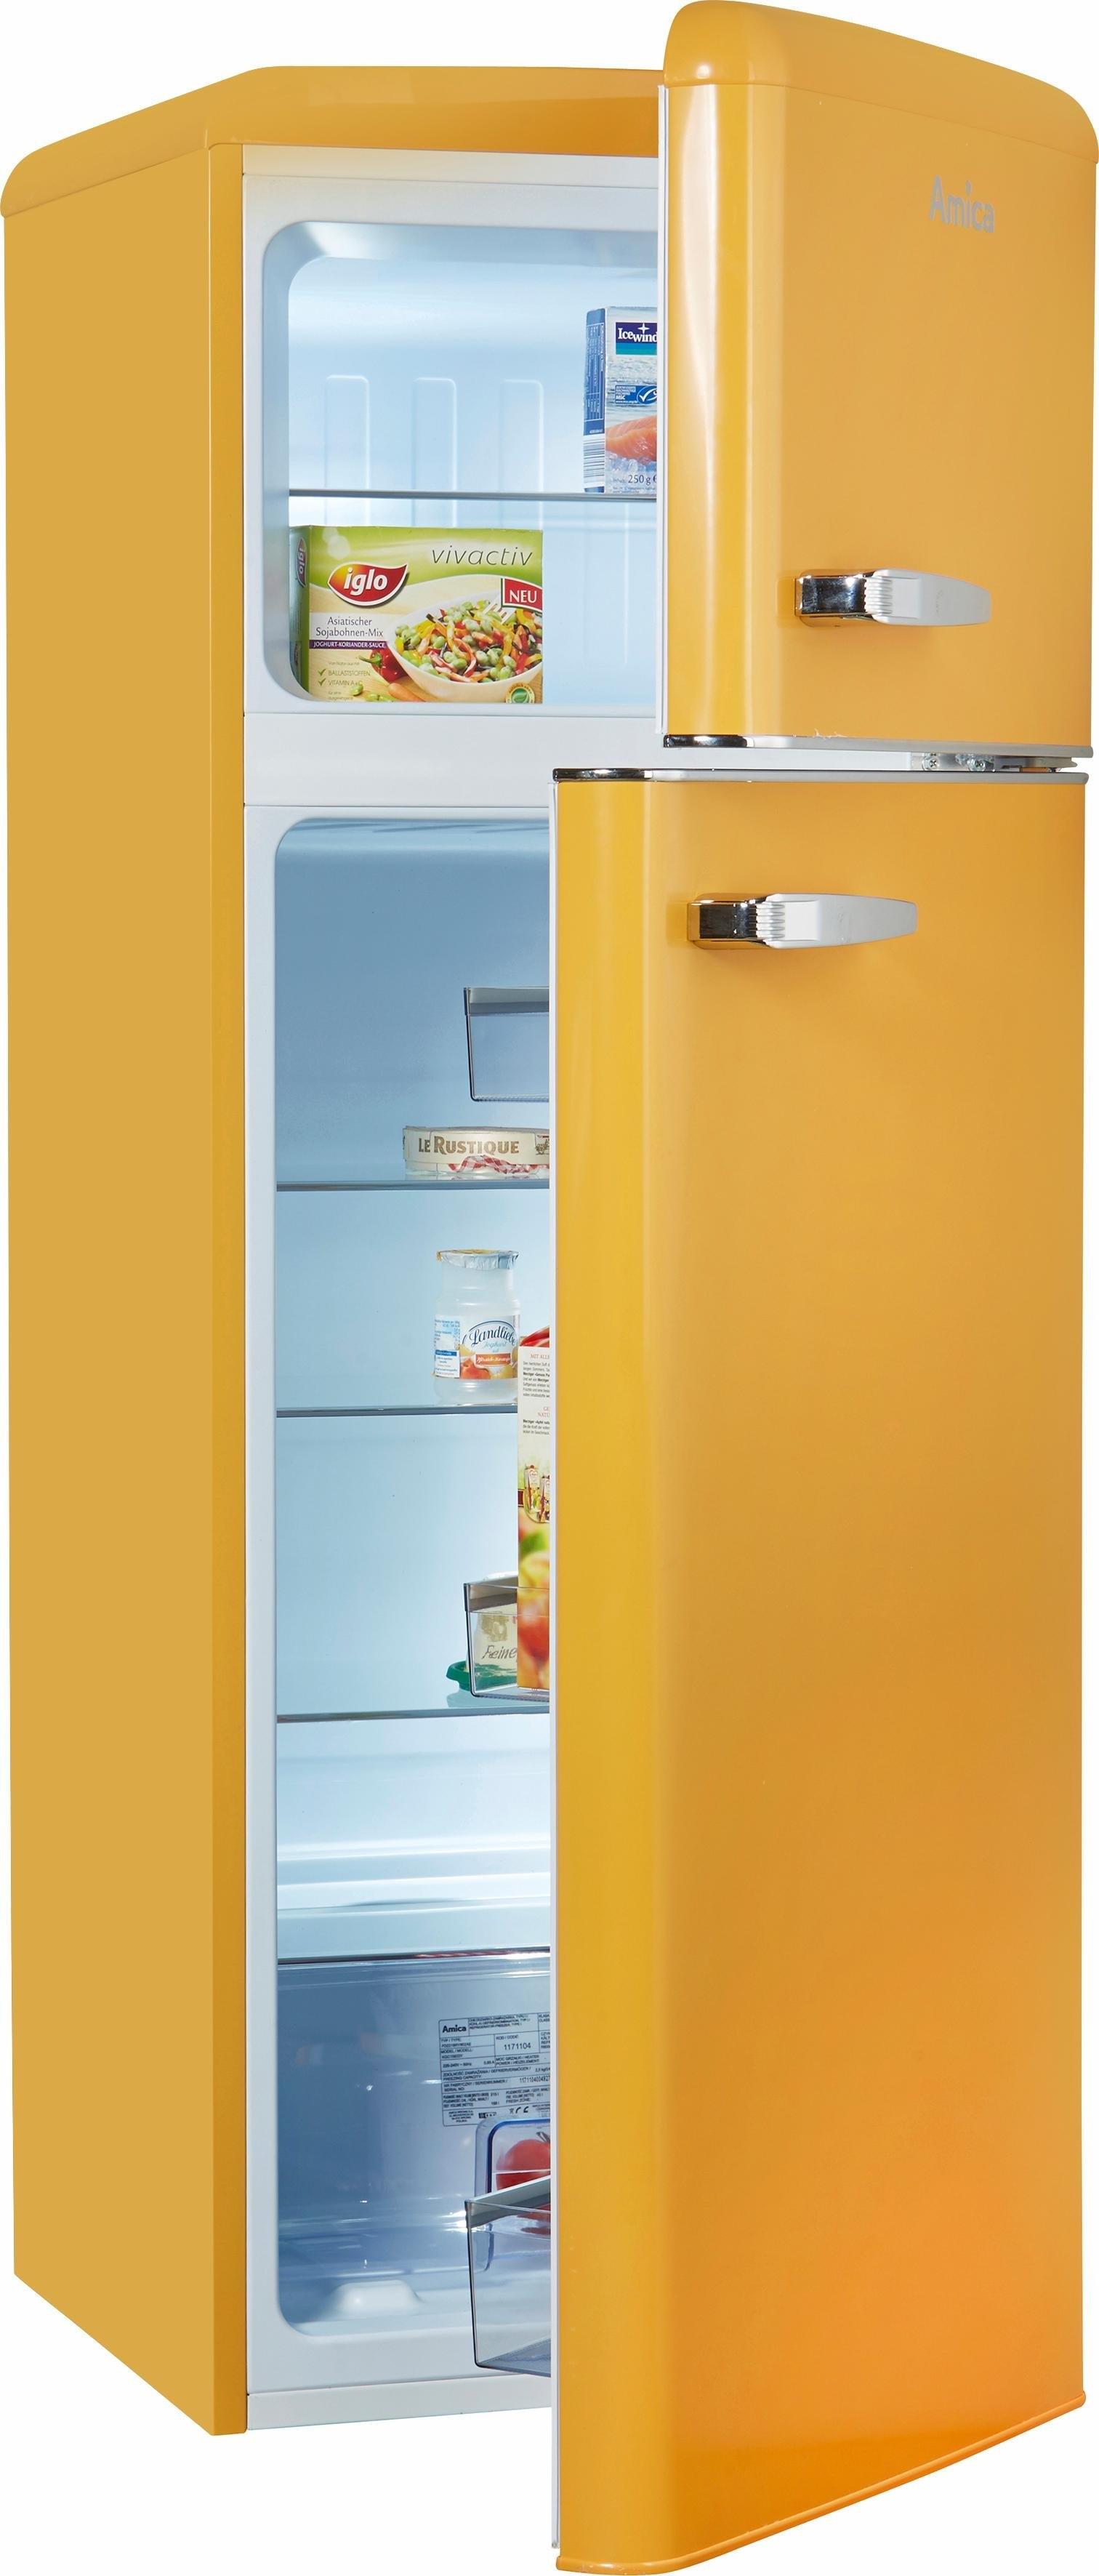 Amica koel-vriescombinatie KGC 15635 B, A++, 144 cm hoog goedkoop op otto.nl kopen